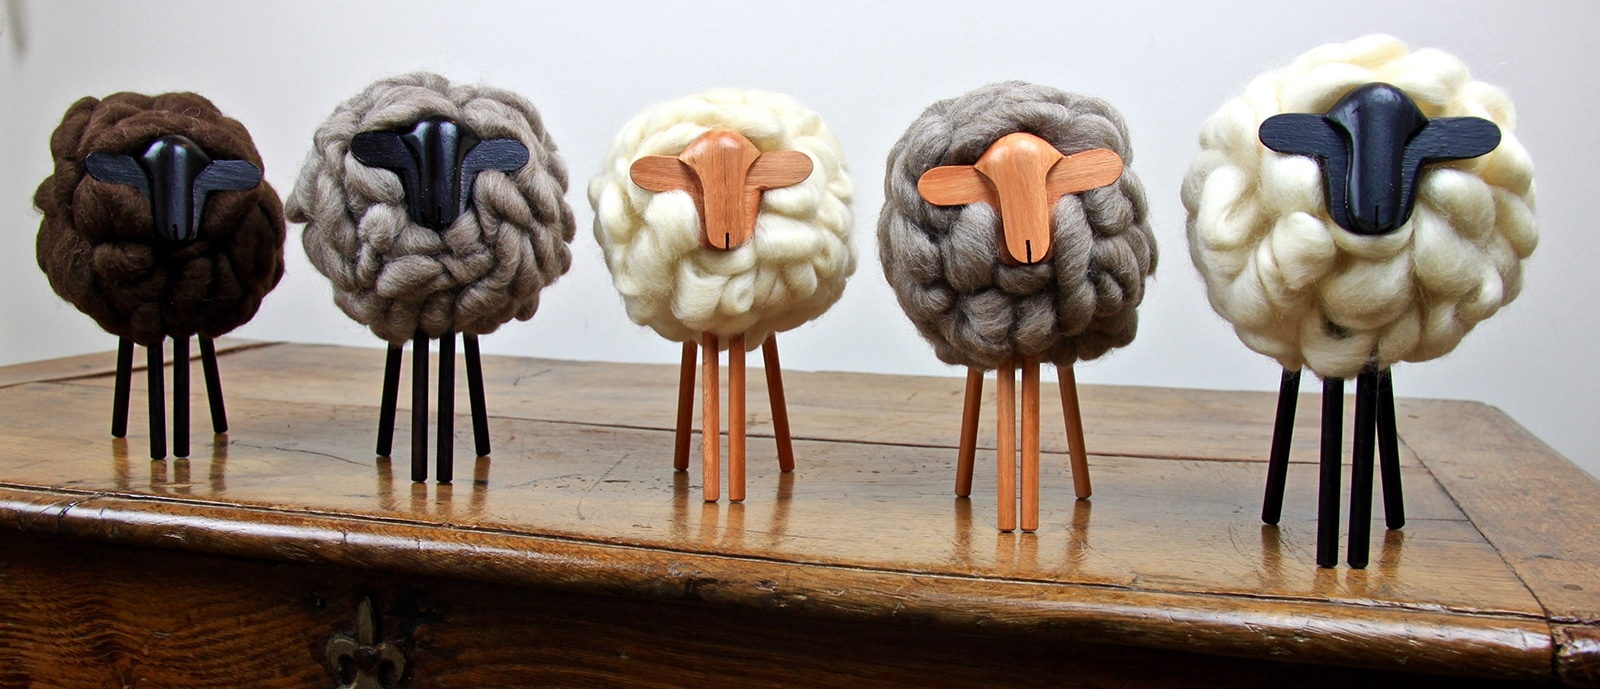 Moutons uruguayens – Laine merinos et bois – Yacana